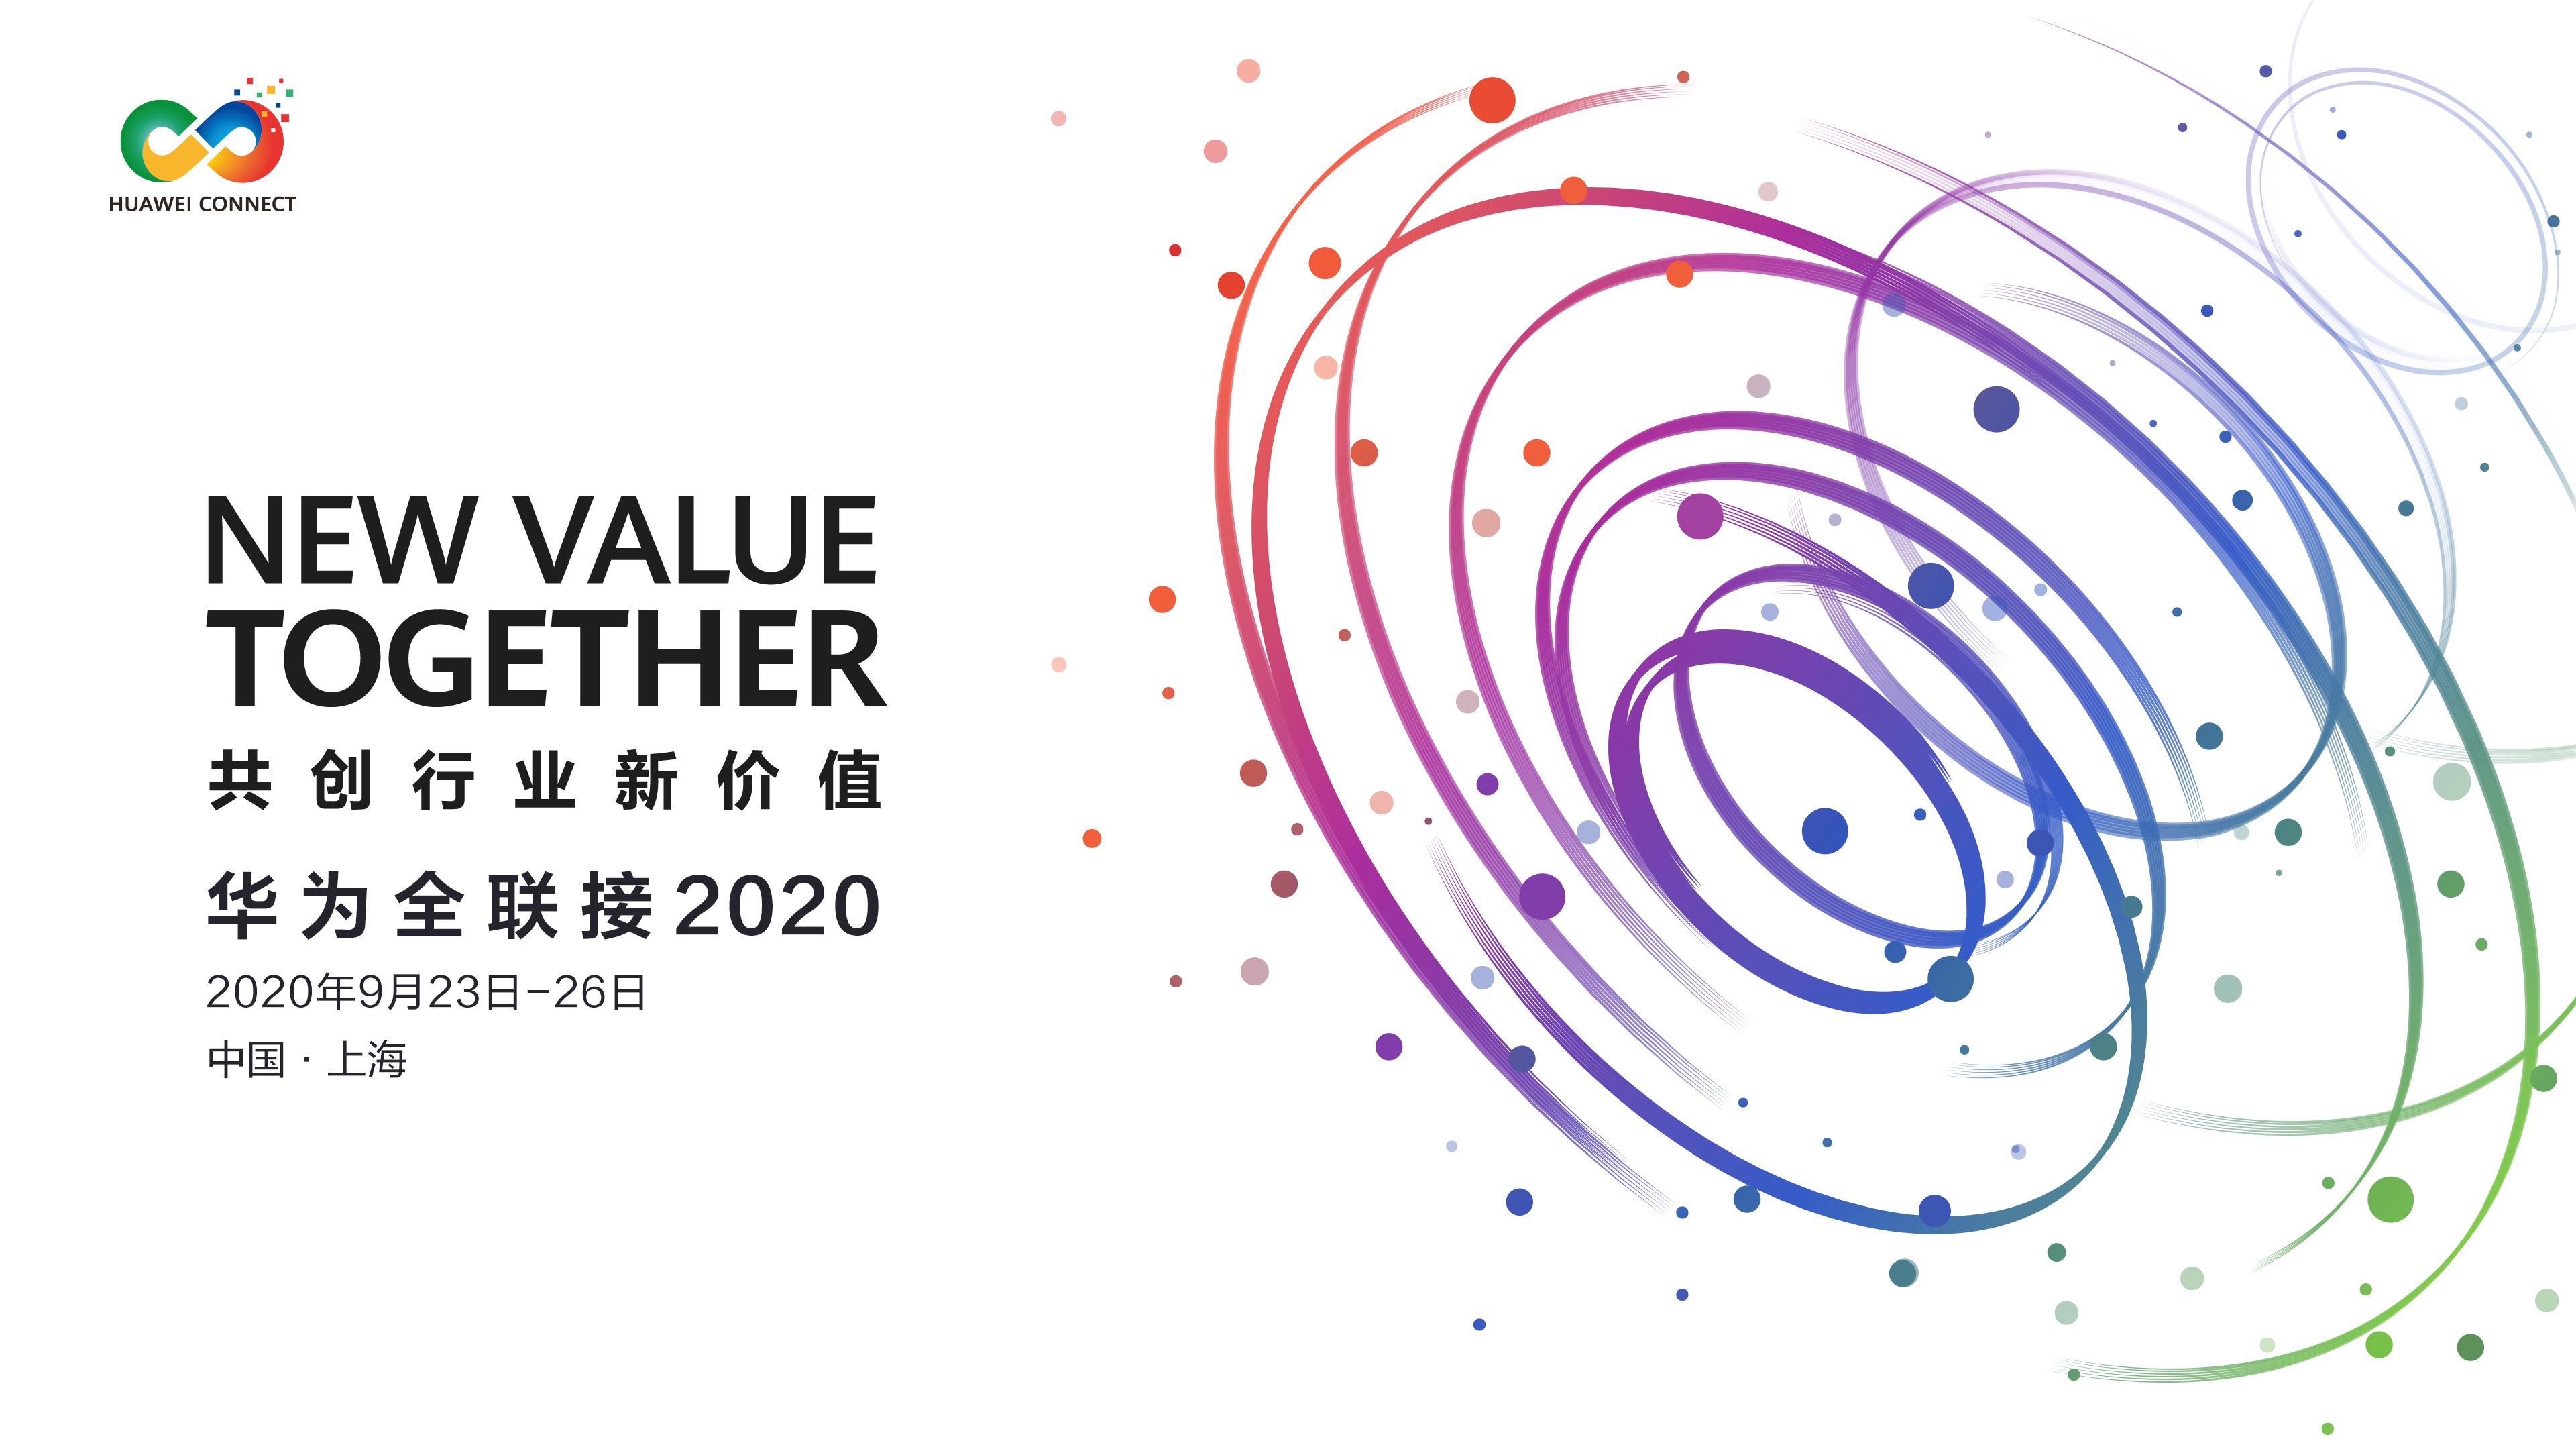 華為全聯接2020,共創行業新價值